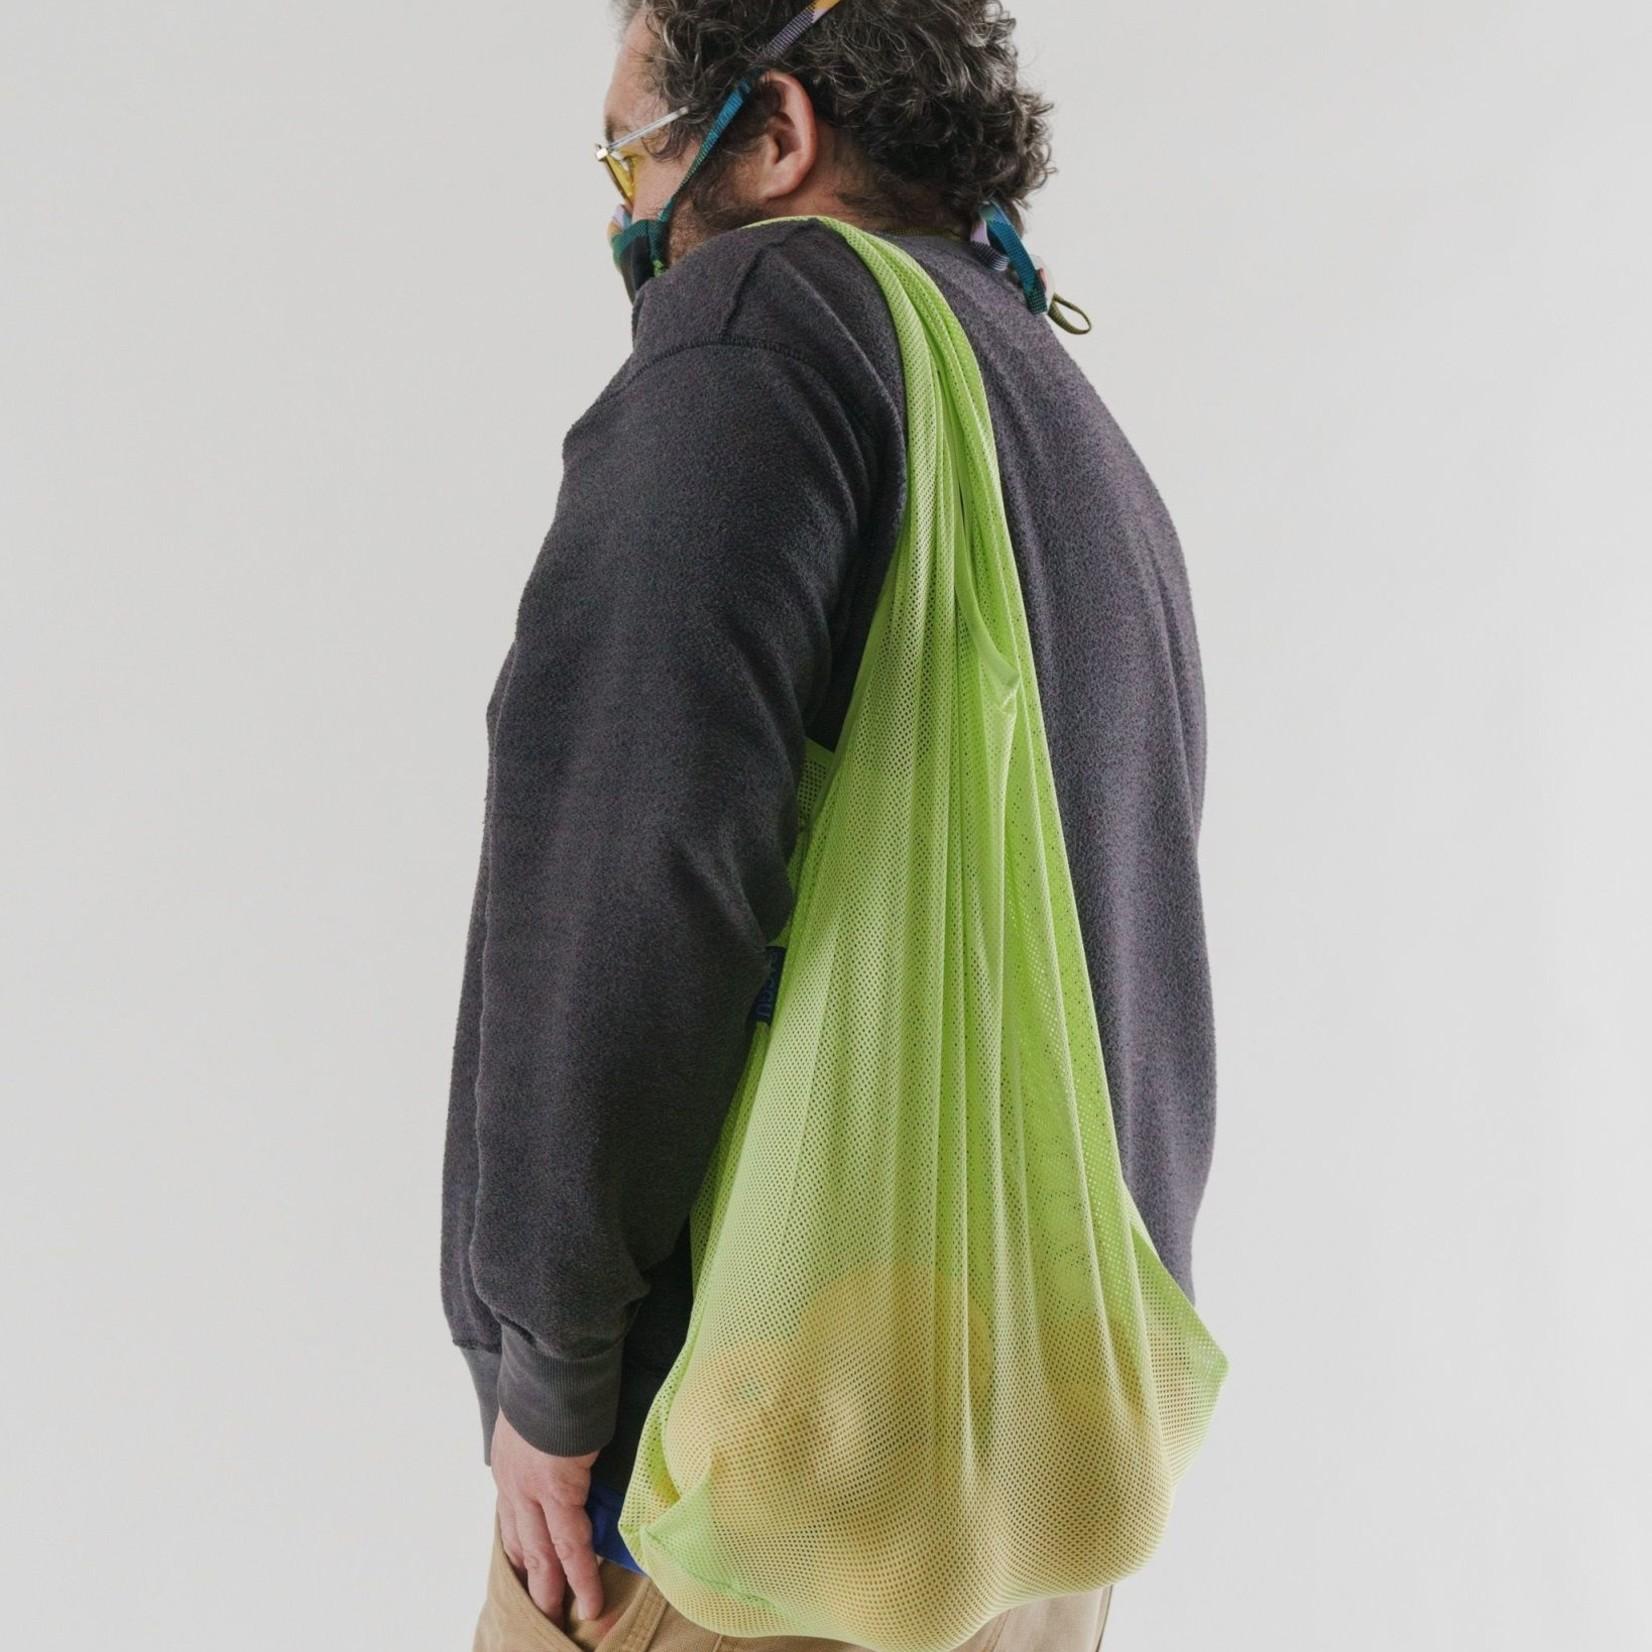 Baggu Baggu Mesh Bag Limeade